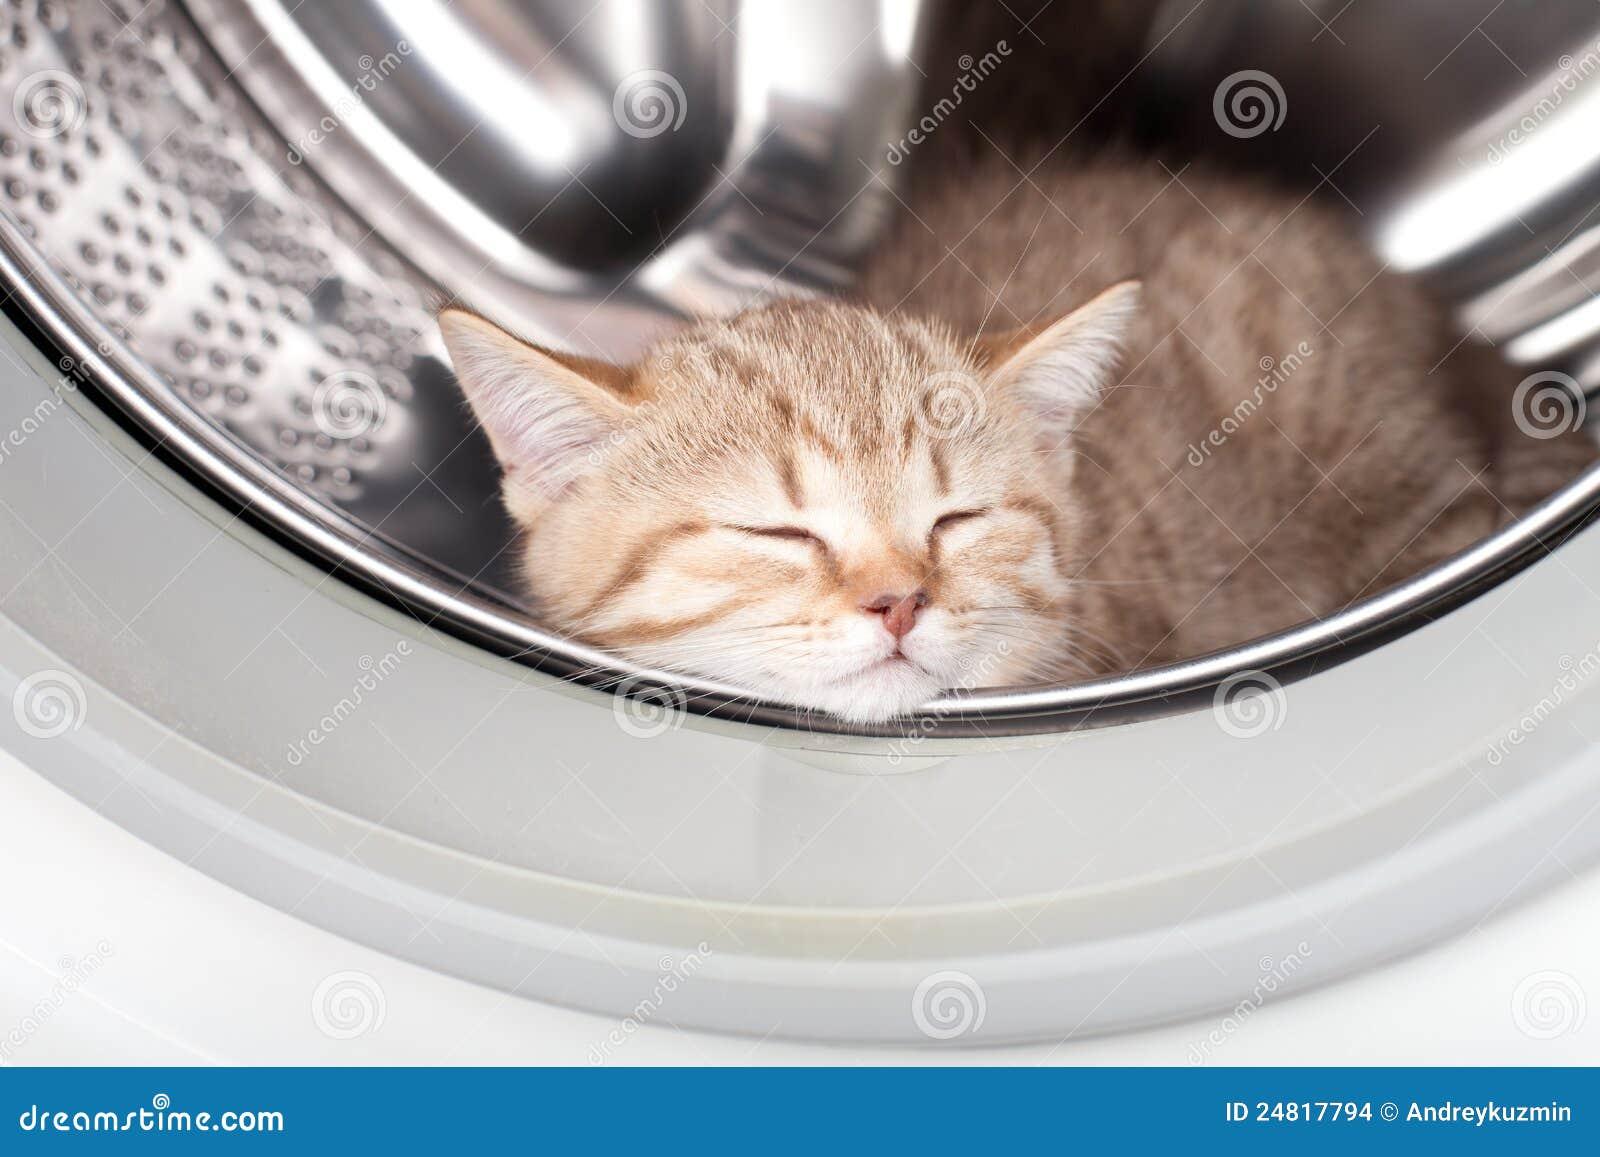 里面小猫洗衣店休眠洗衣机